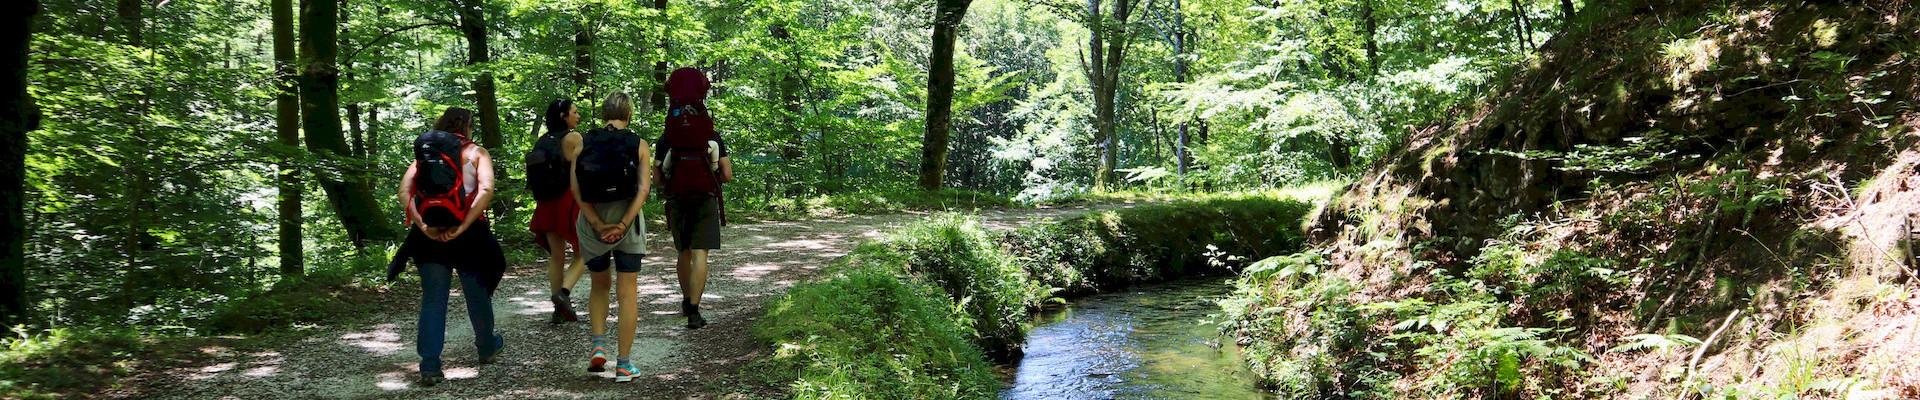 Randonnée rigole de la Montagne Noire sources du Canal du Midi